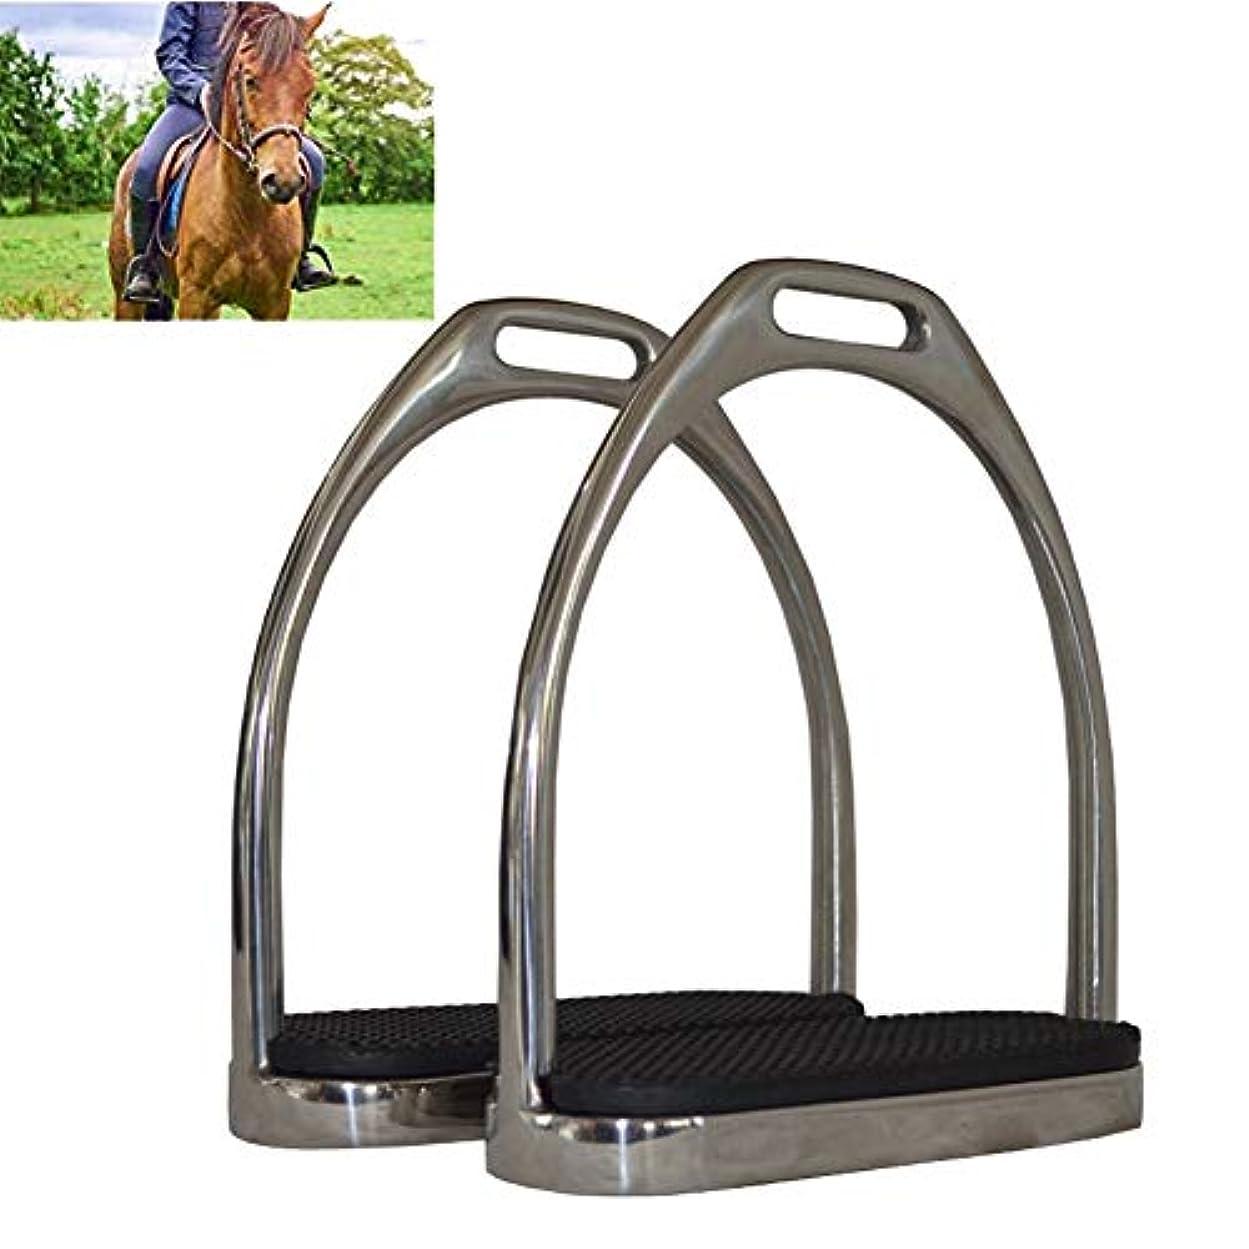 トロリー注意考慮簡単な鉄の安全鋳造に乗っ反射広軌の馬軽量サドル ステンレス鋼の高強度の安全鐙,1